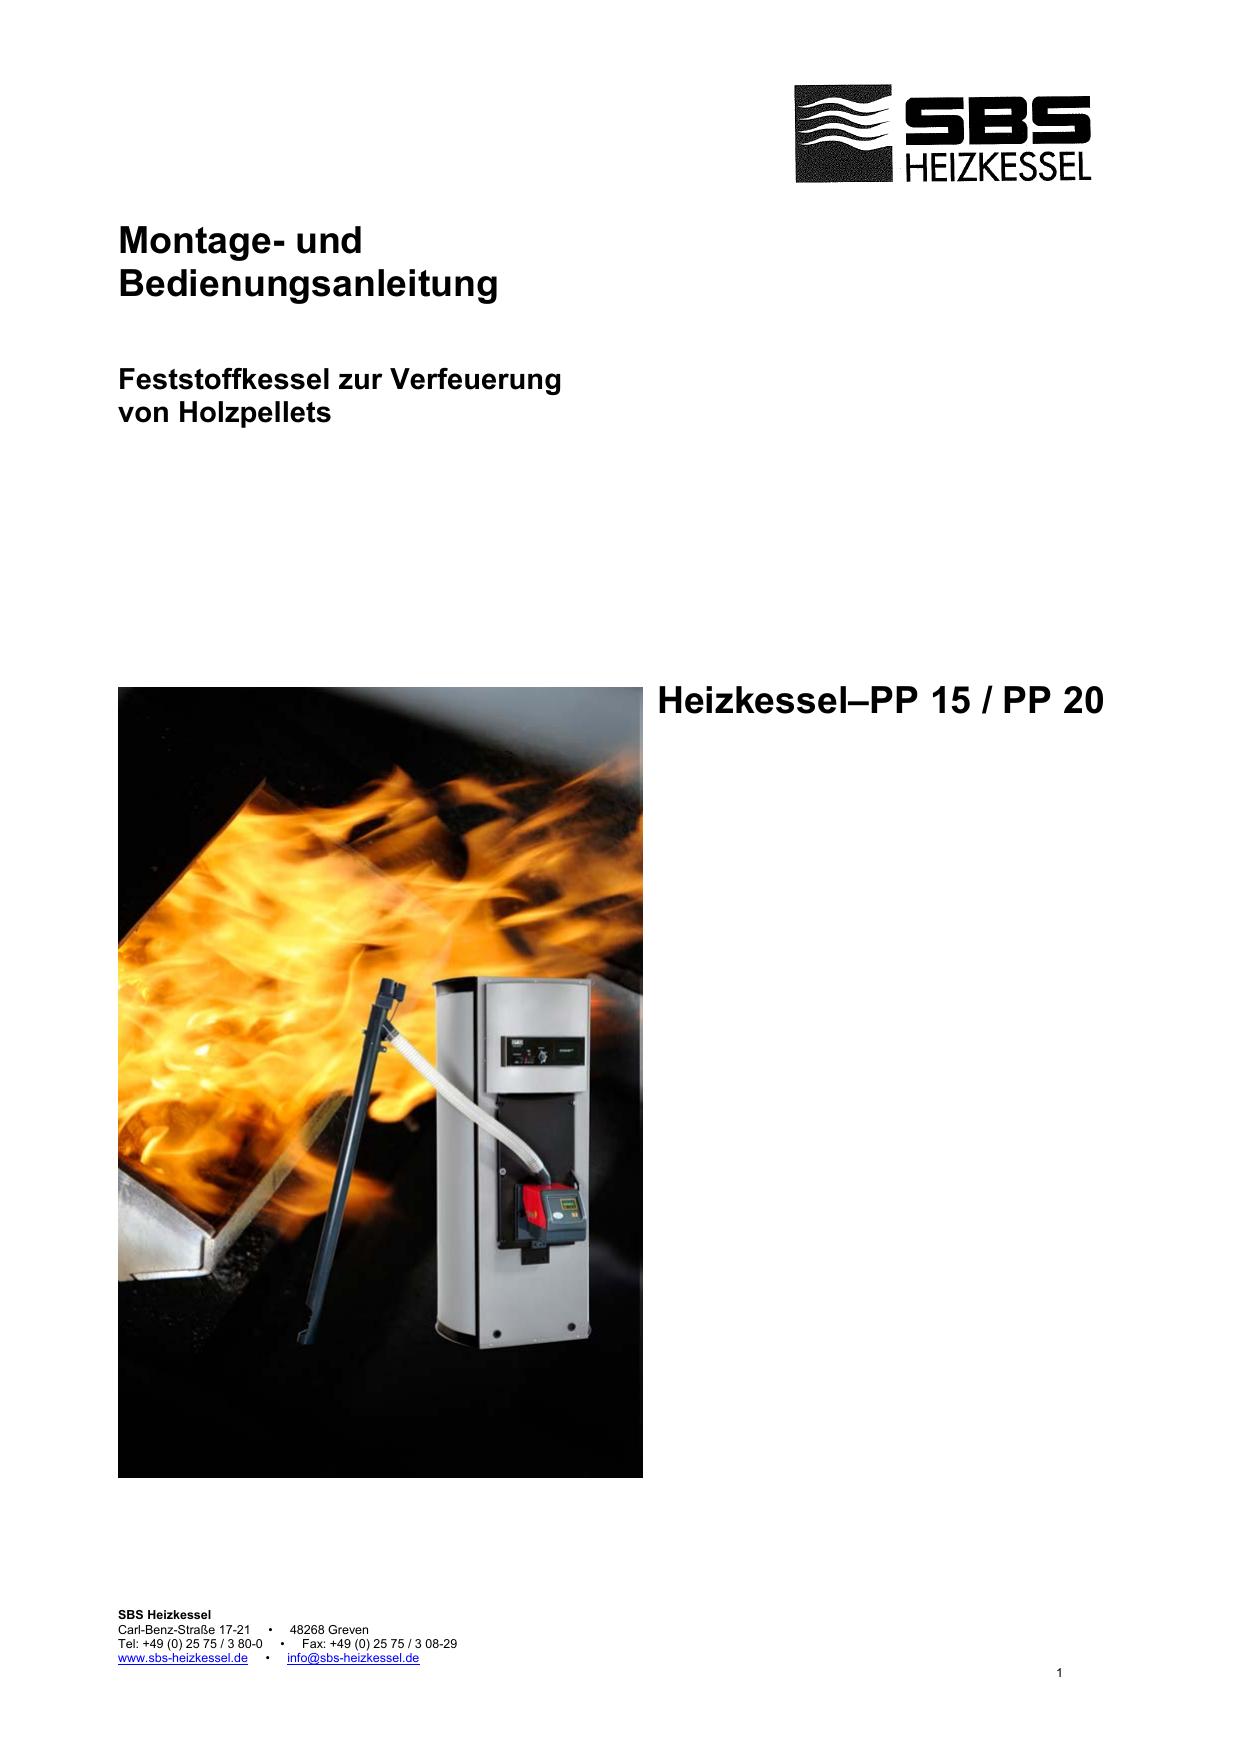 Gemütlich Munchkin Kessel Handbuch Ideen - Elektrische Schaltplan ...